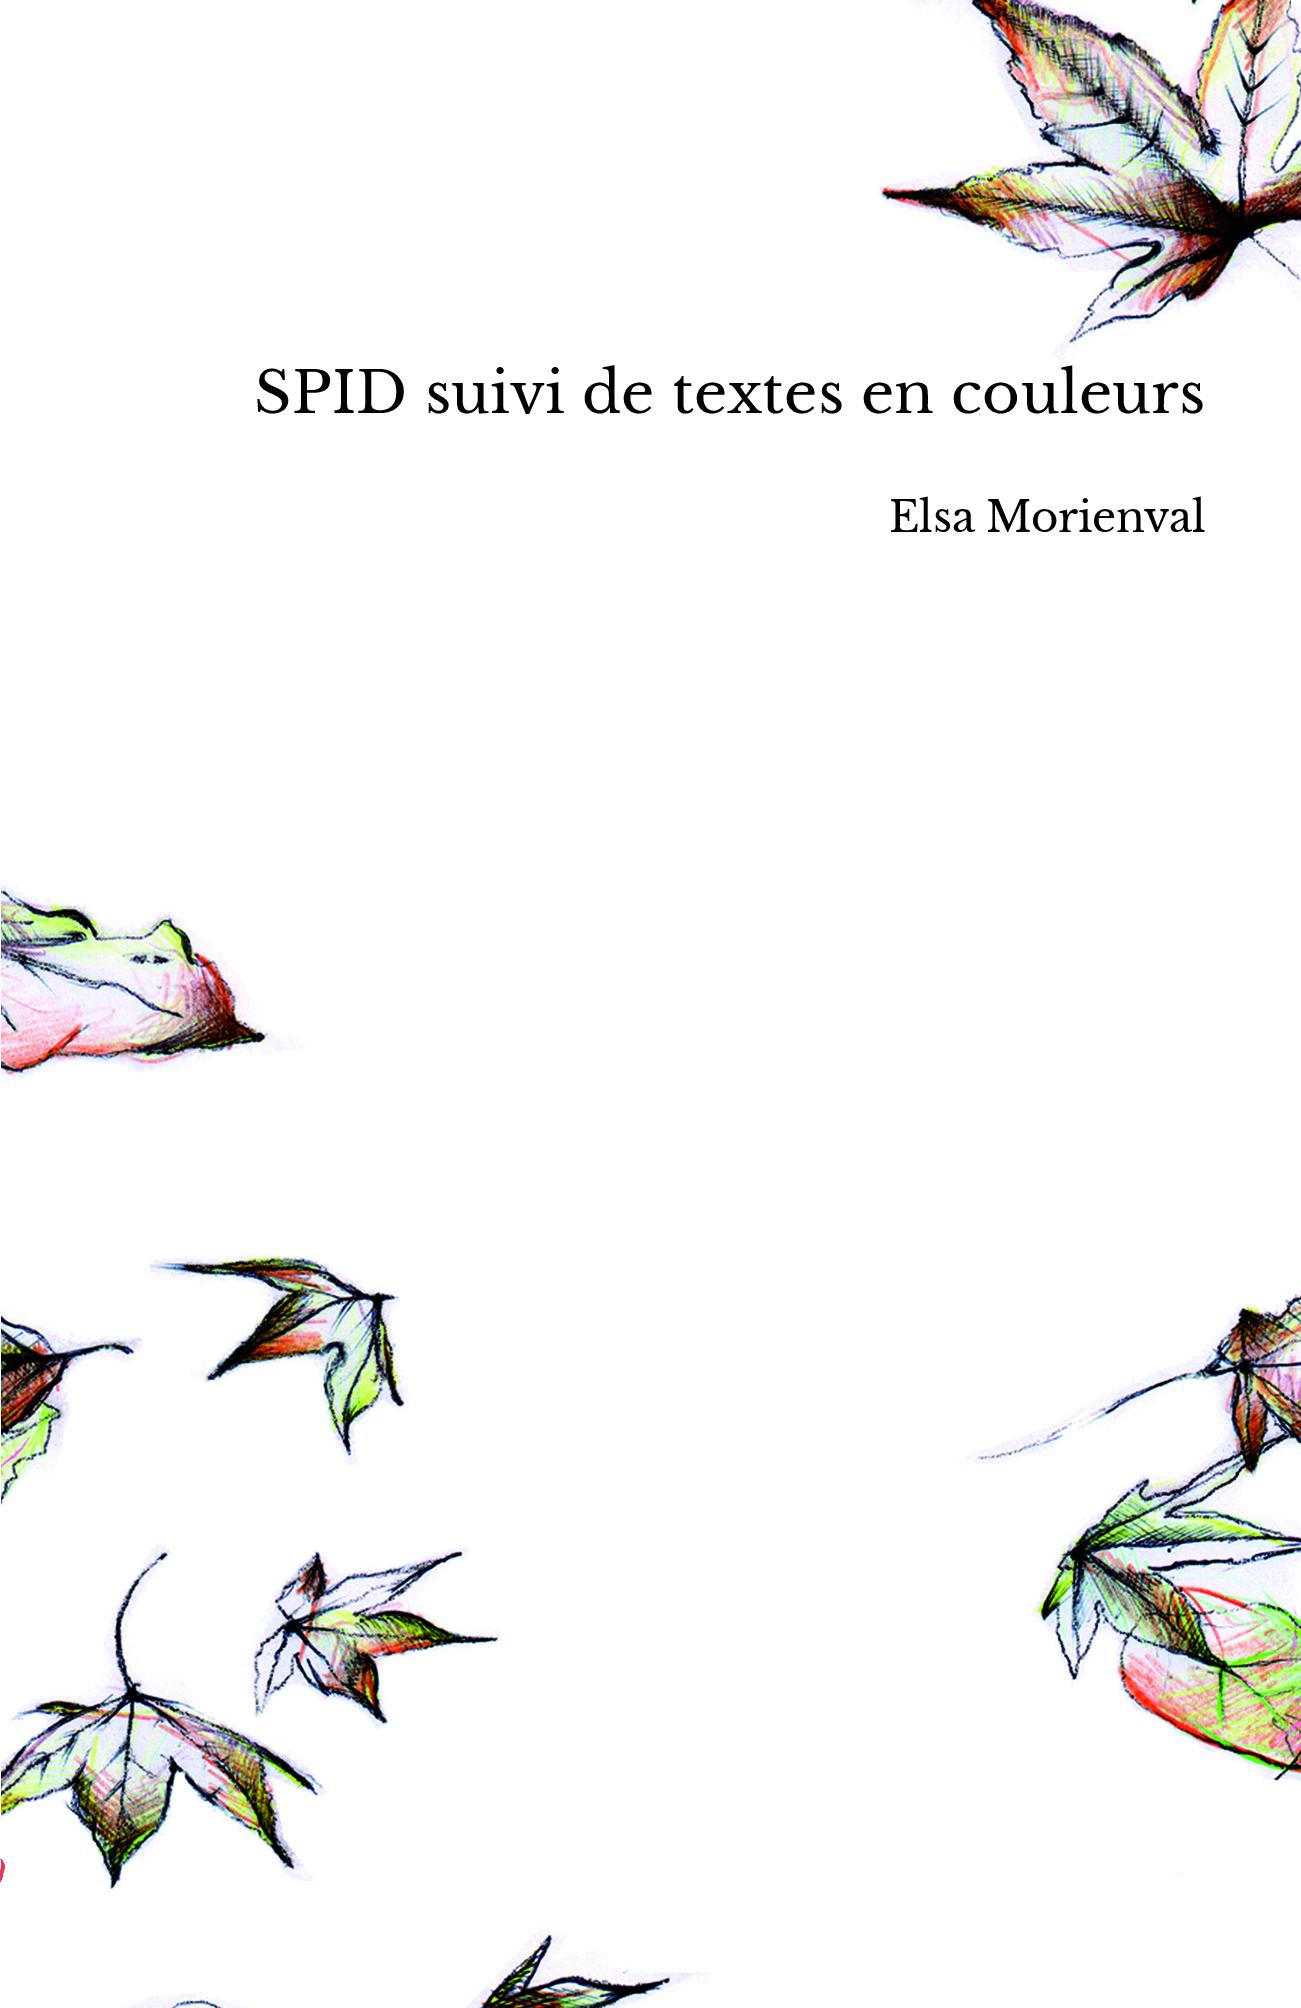 SPID suivi de textes en couleurs